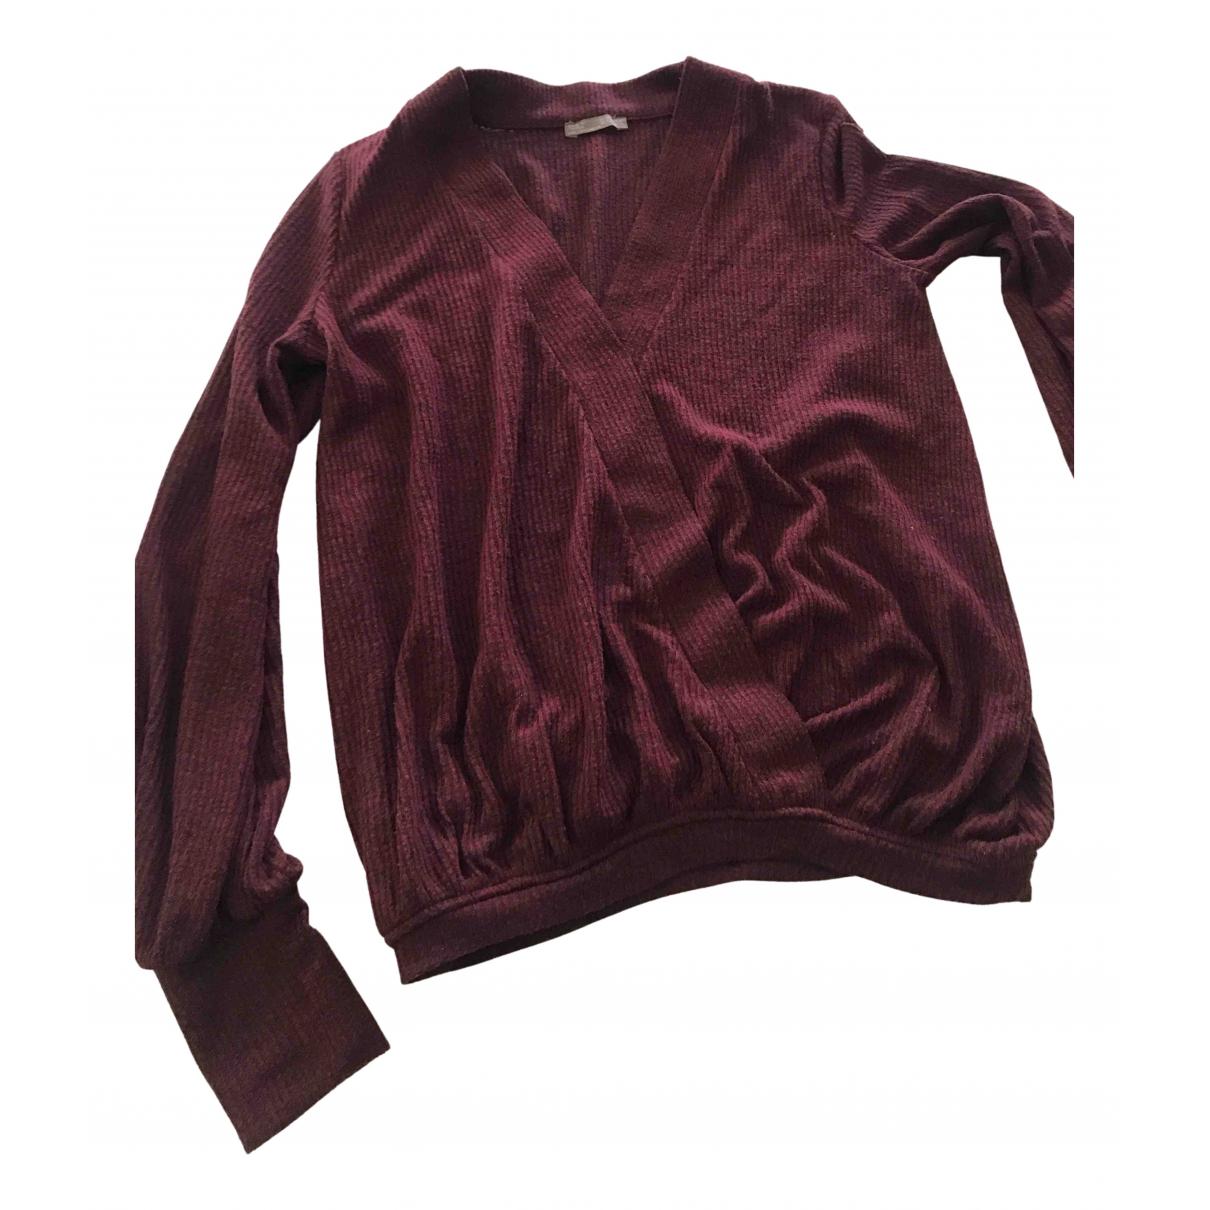 Zara N Burgundy Knitwear for Women S International